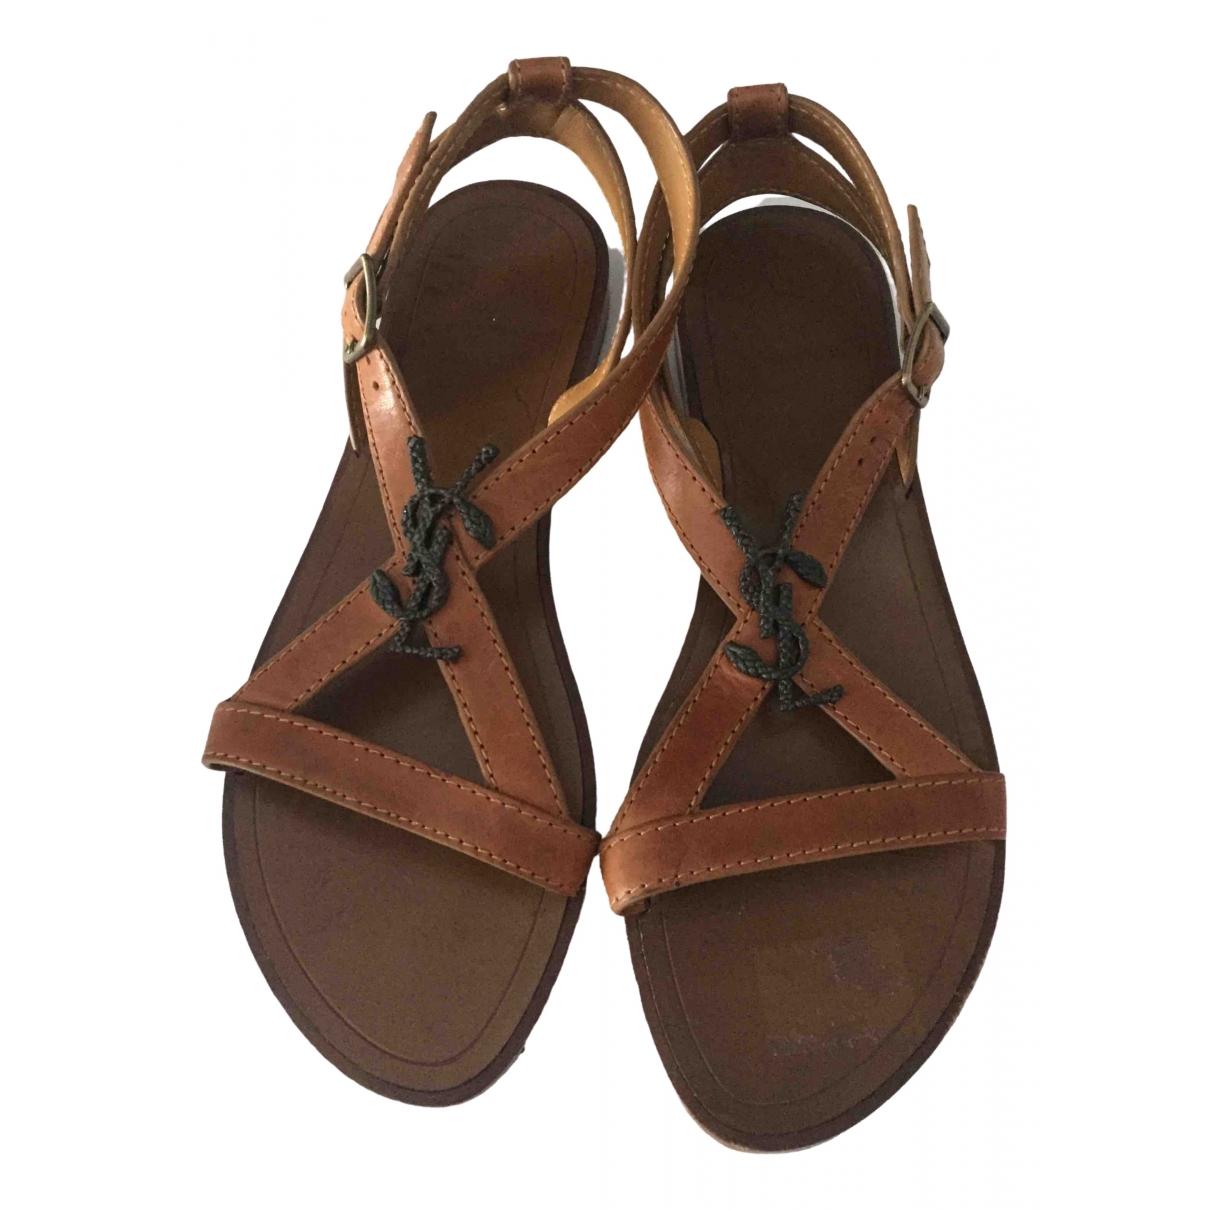 Saint Laurent \N Camel Leather Sandals for Women 37.5 EU